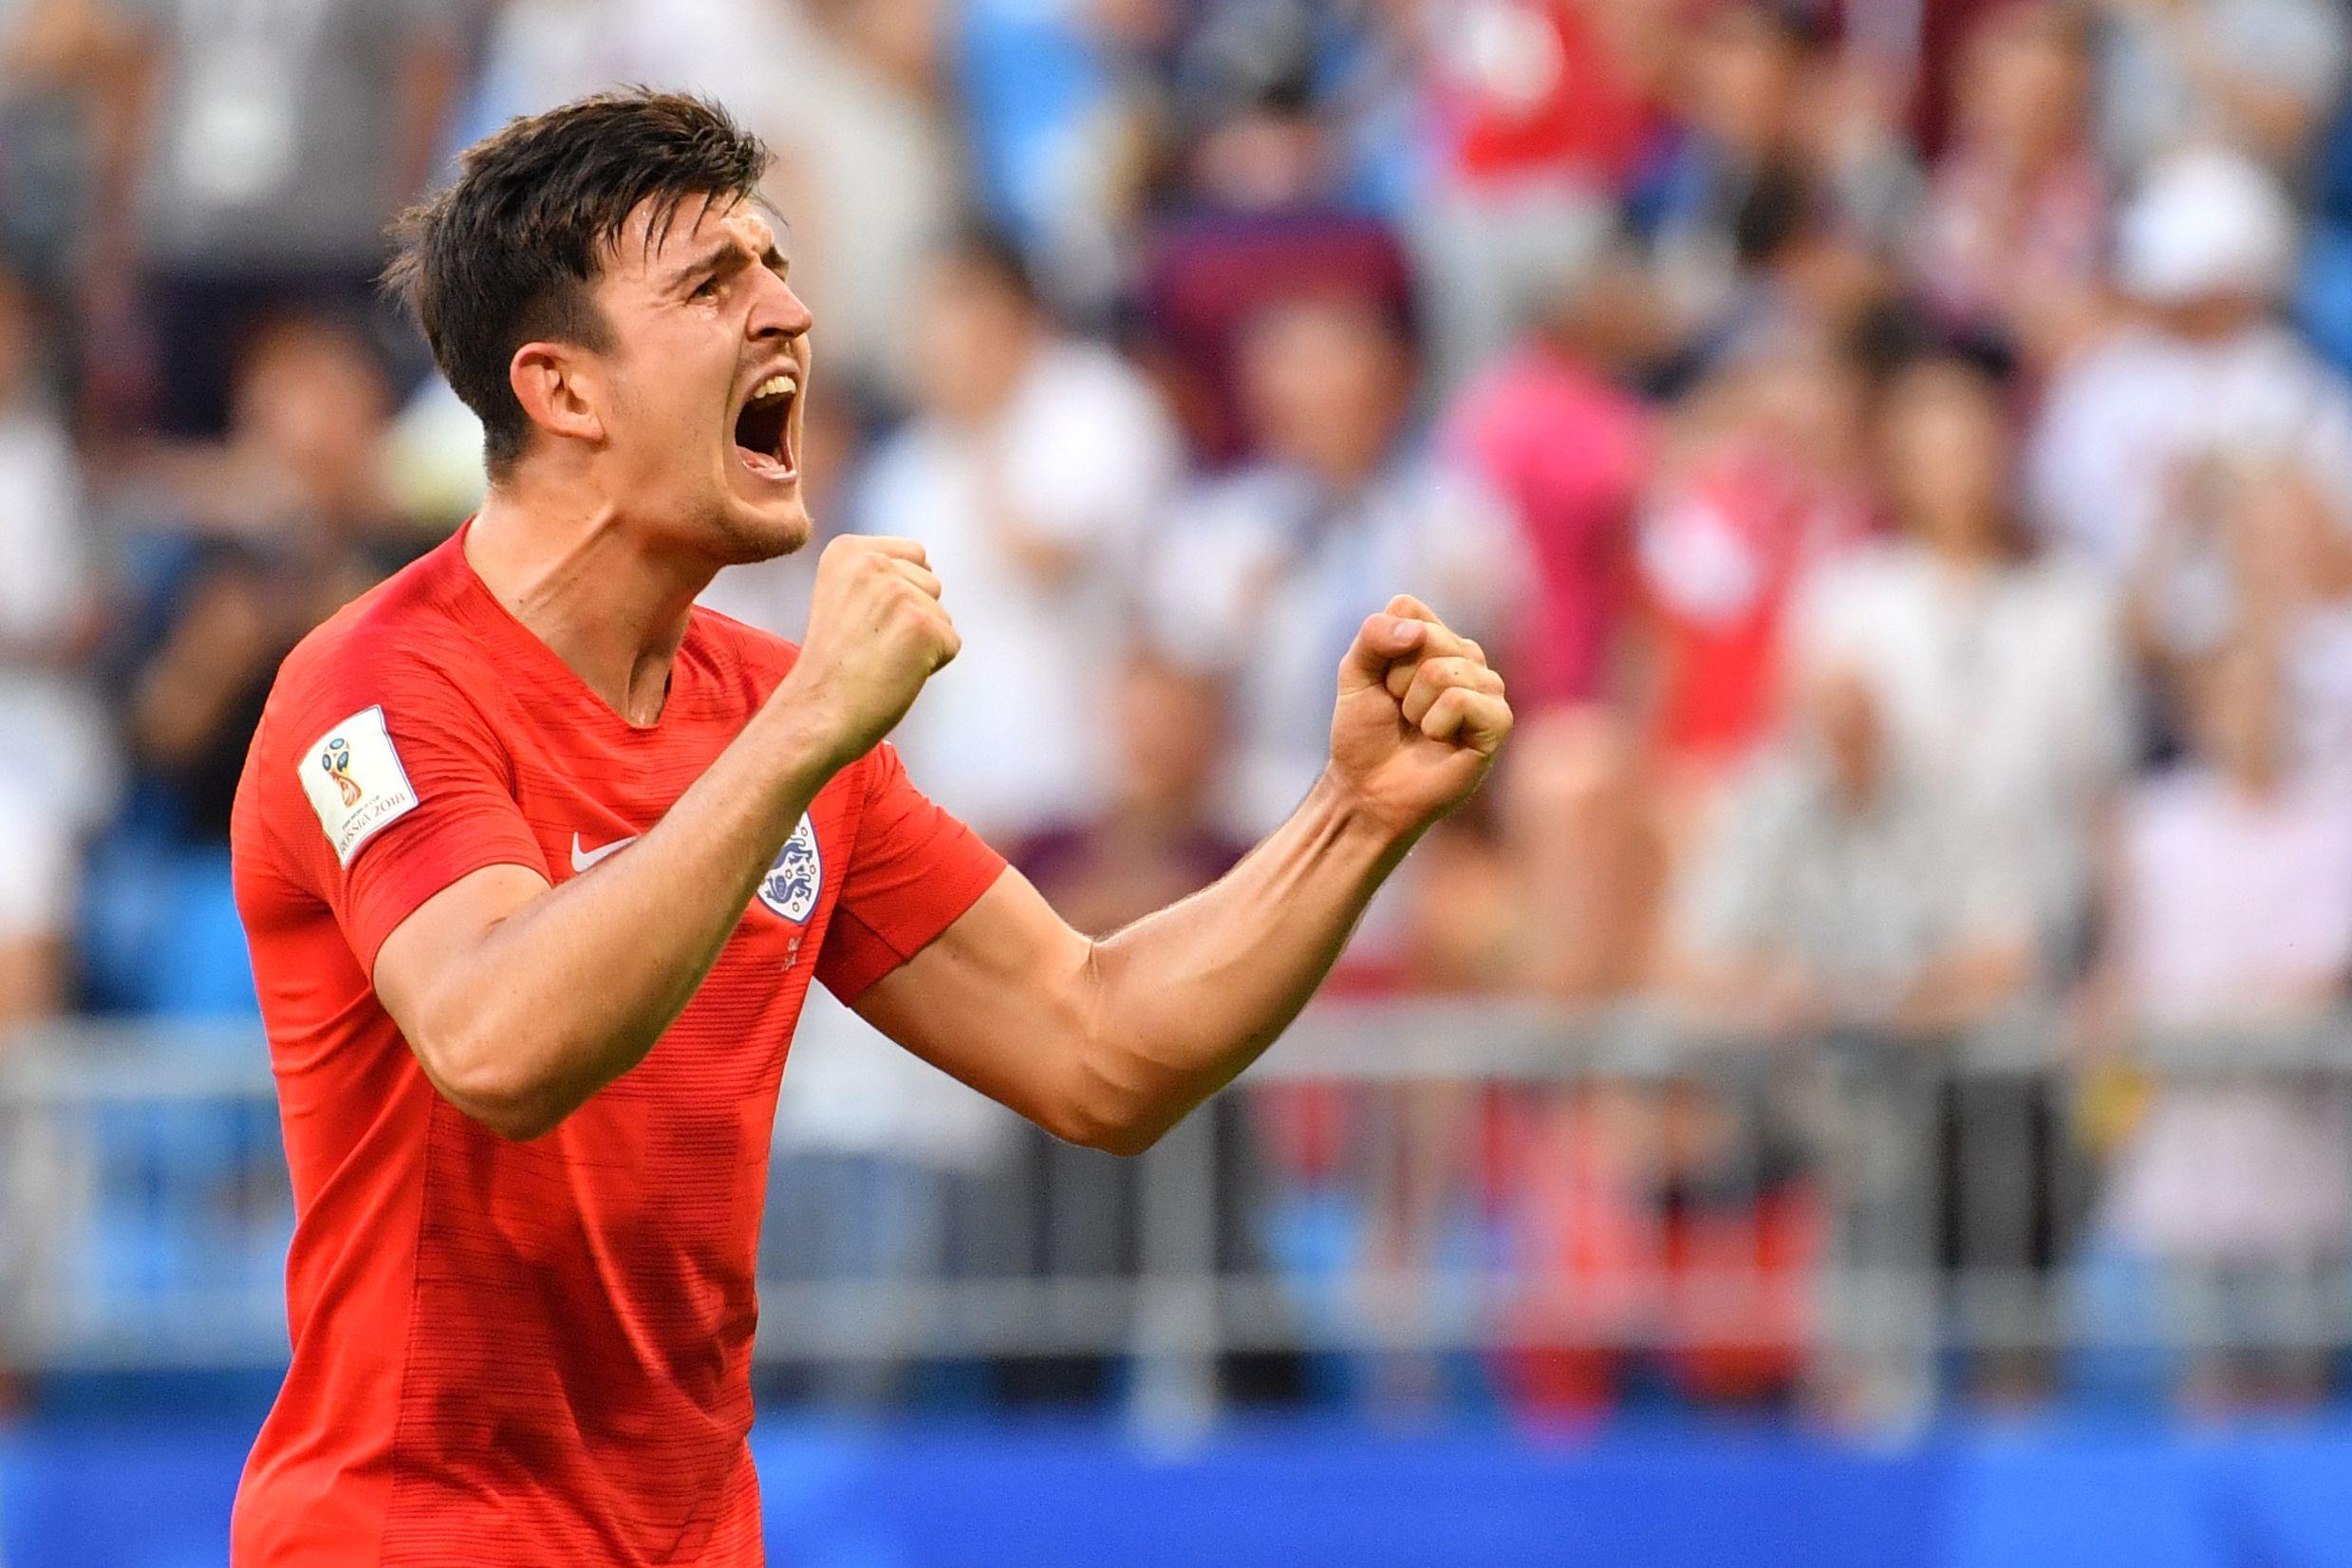 Ausgefuchst: England wird es ins Finale schaffen